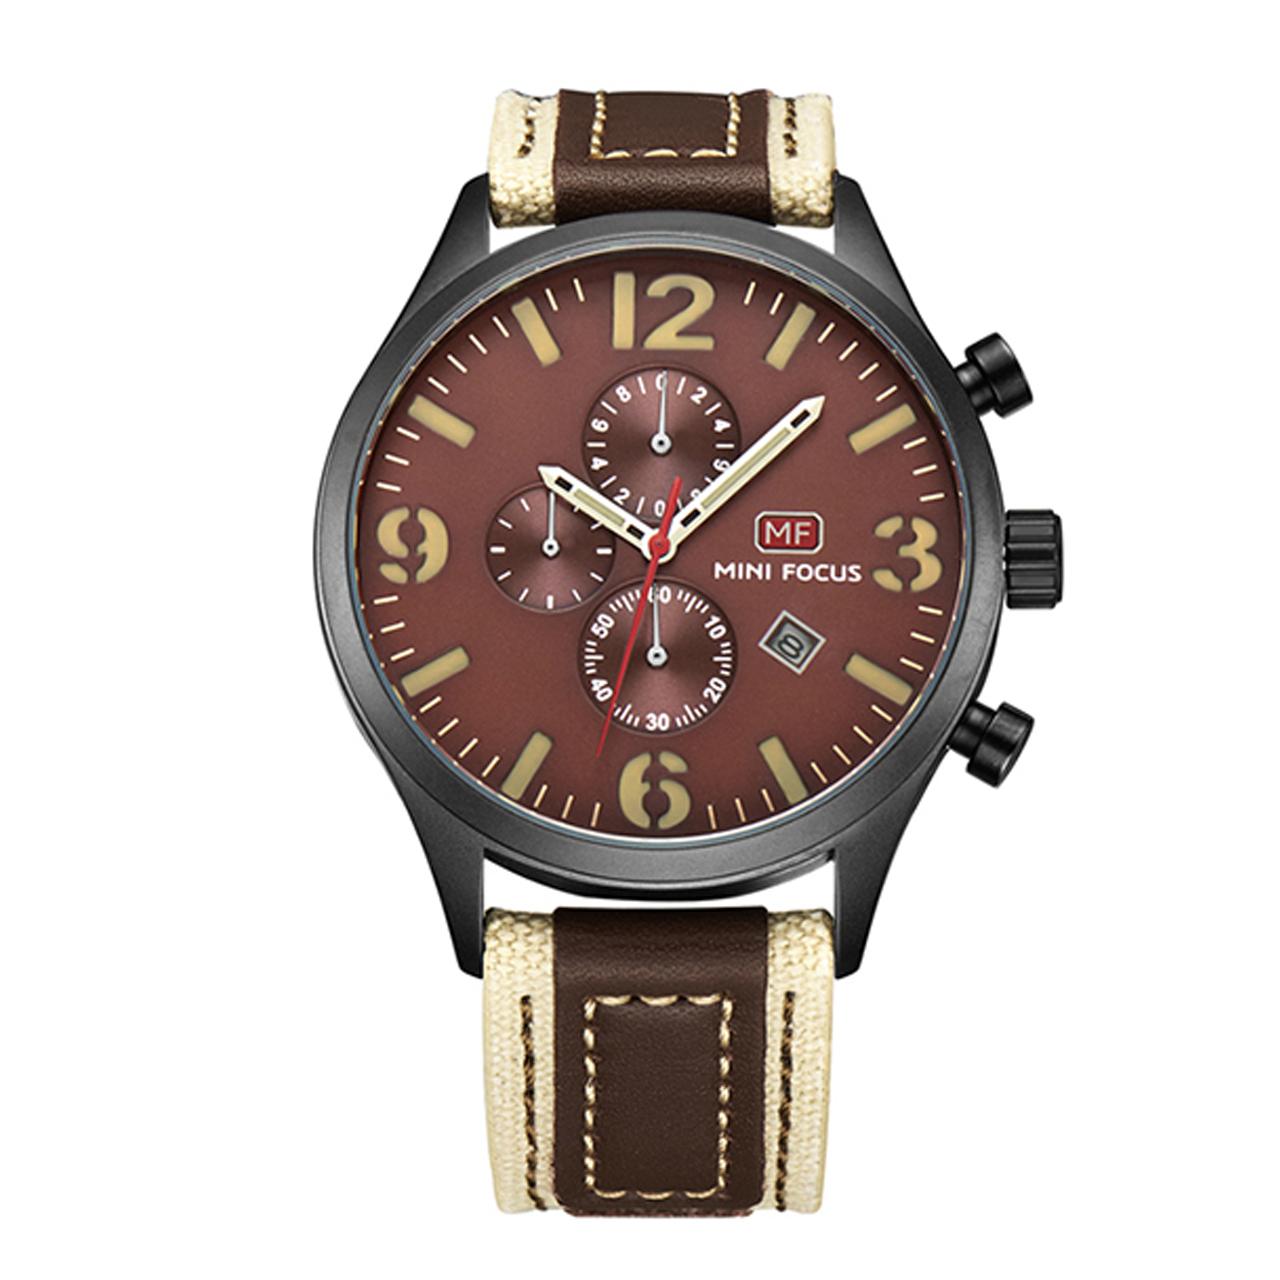 ساعت مچی عقربه ای مینی فوکوس مدل mf0003g.02